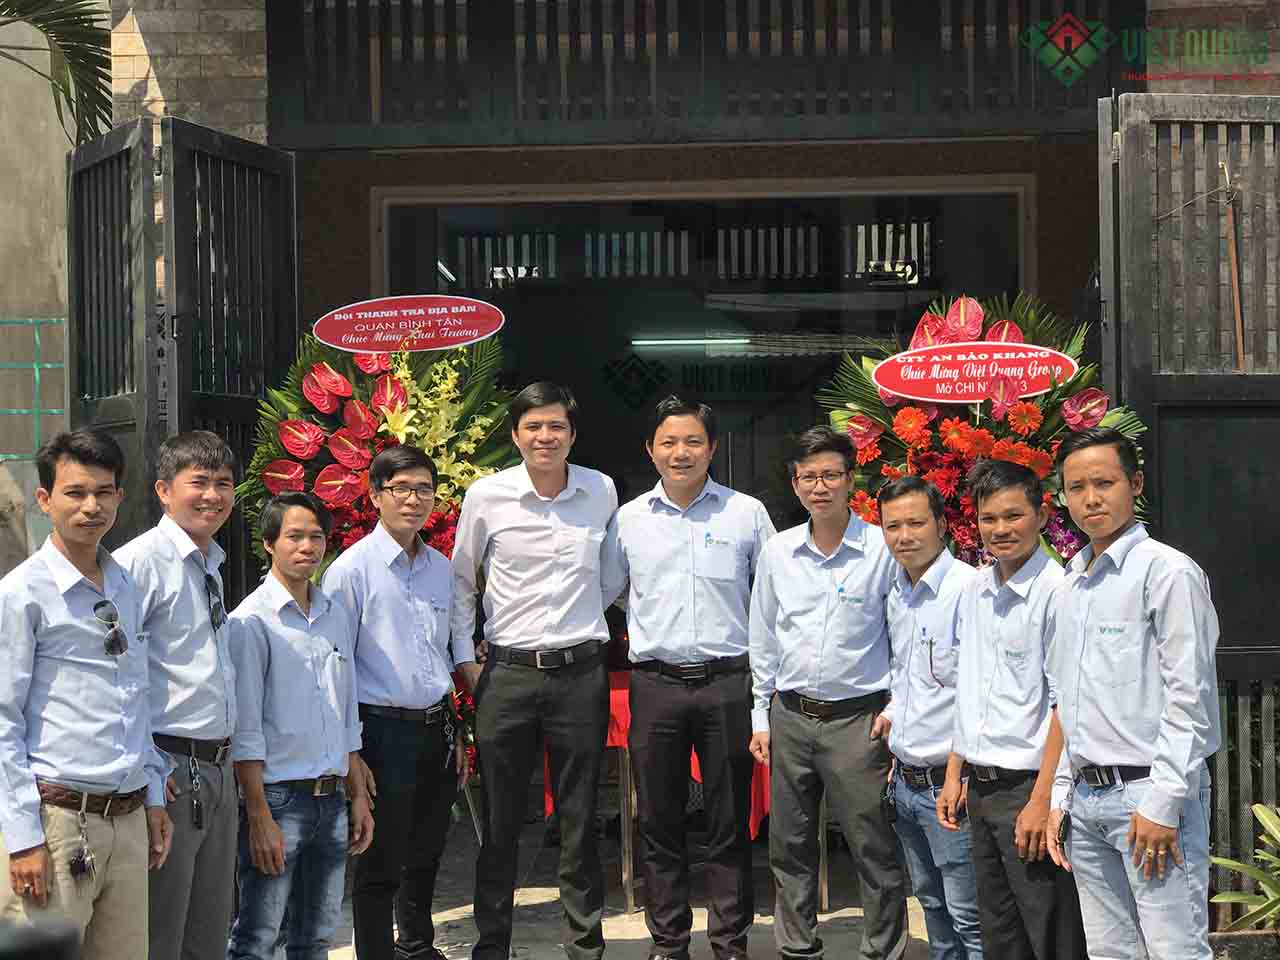 Chi nhánh 3 Việt quang Group khai trương hồng phát